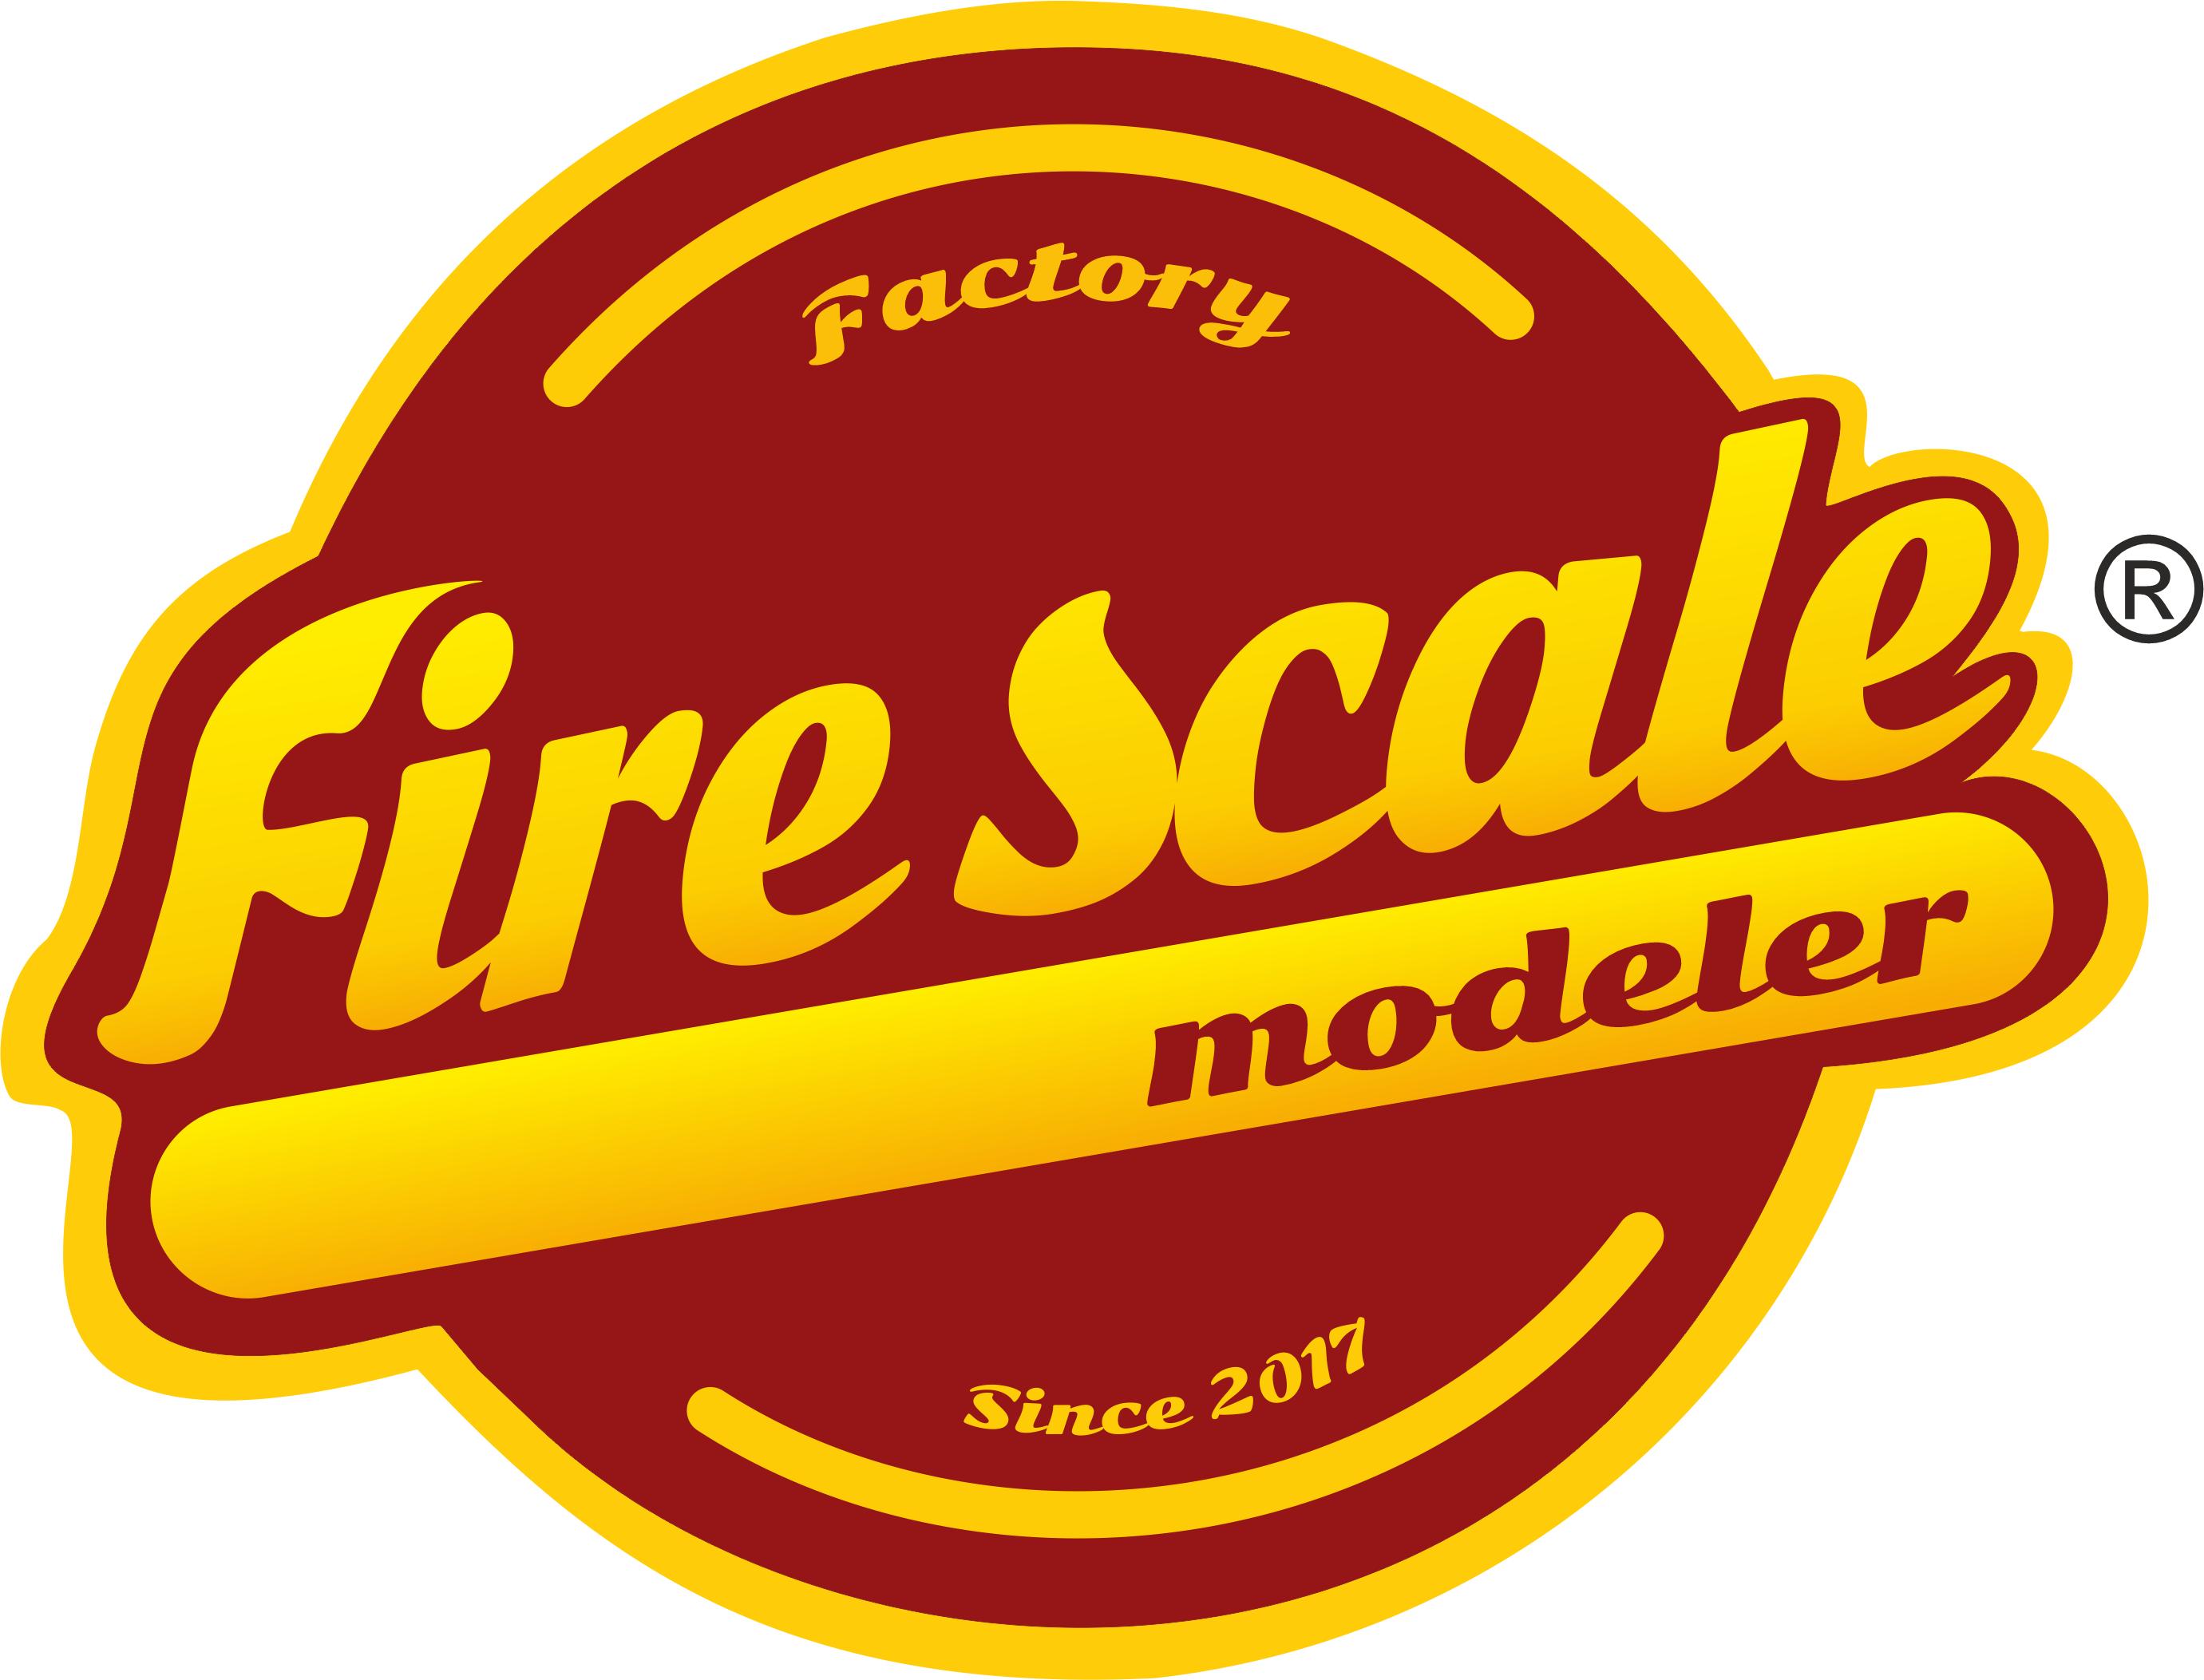 Fire Scale Modeler